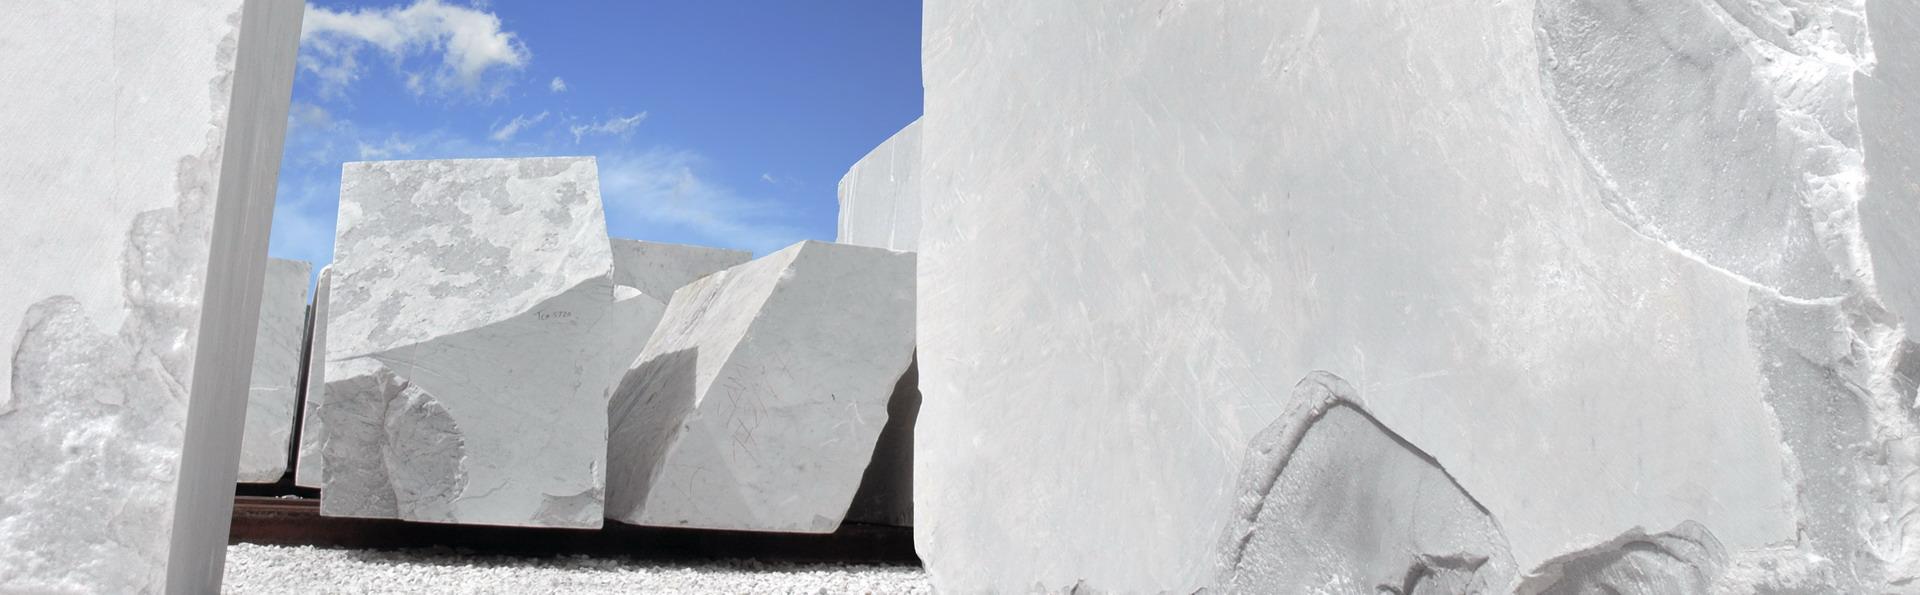 Escom marble_013